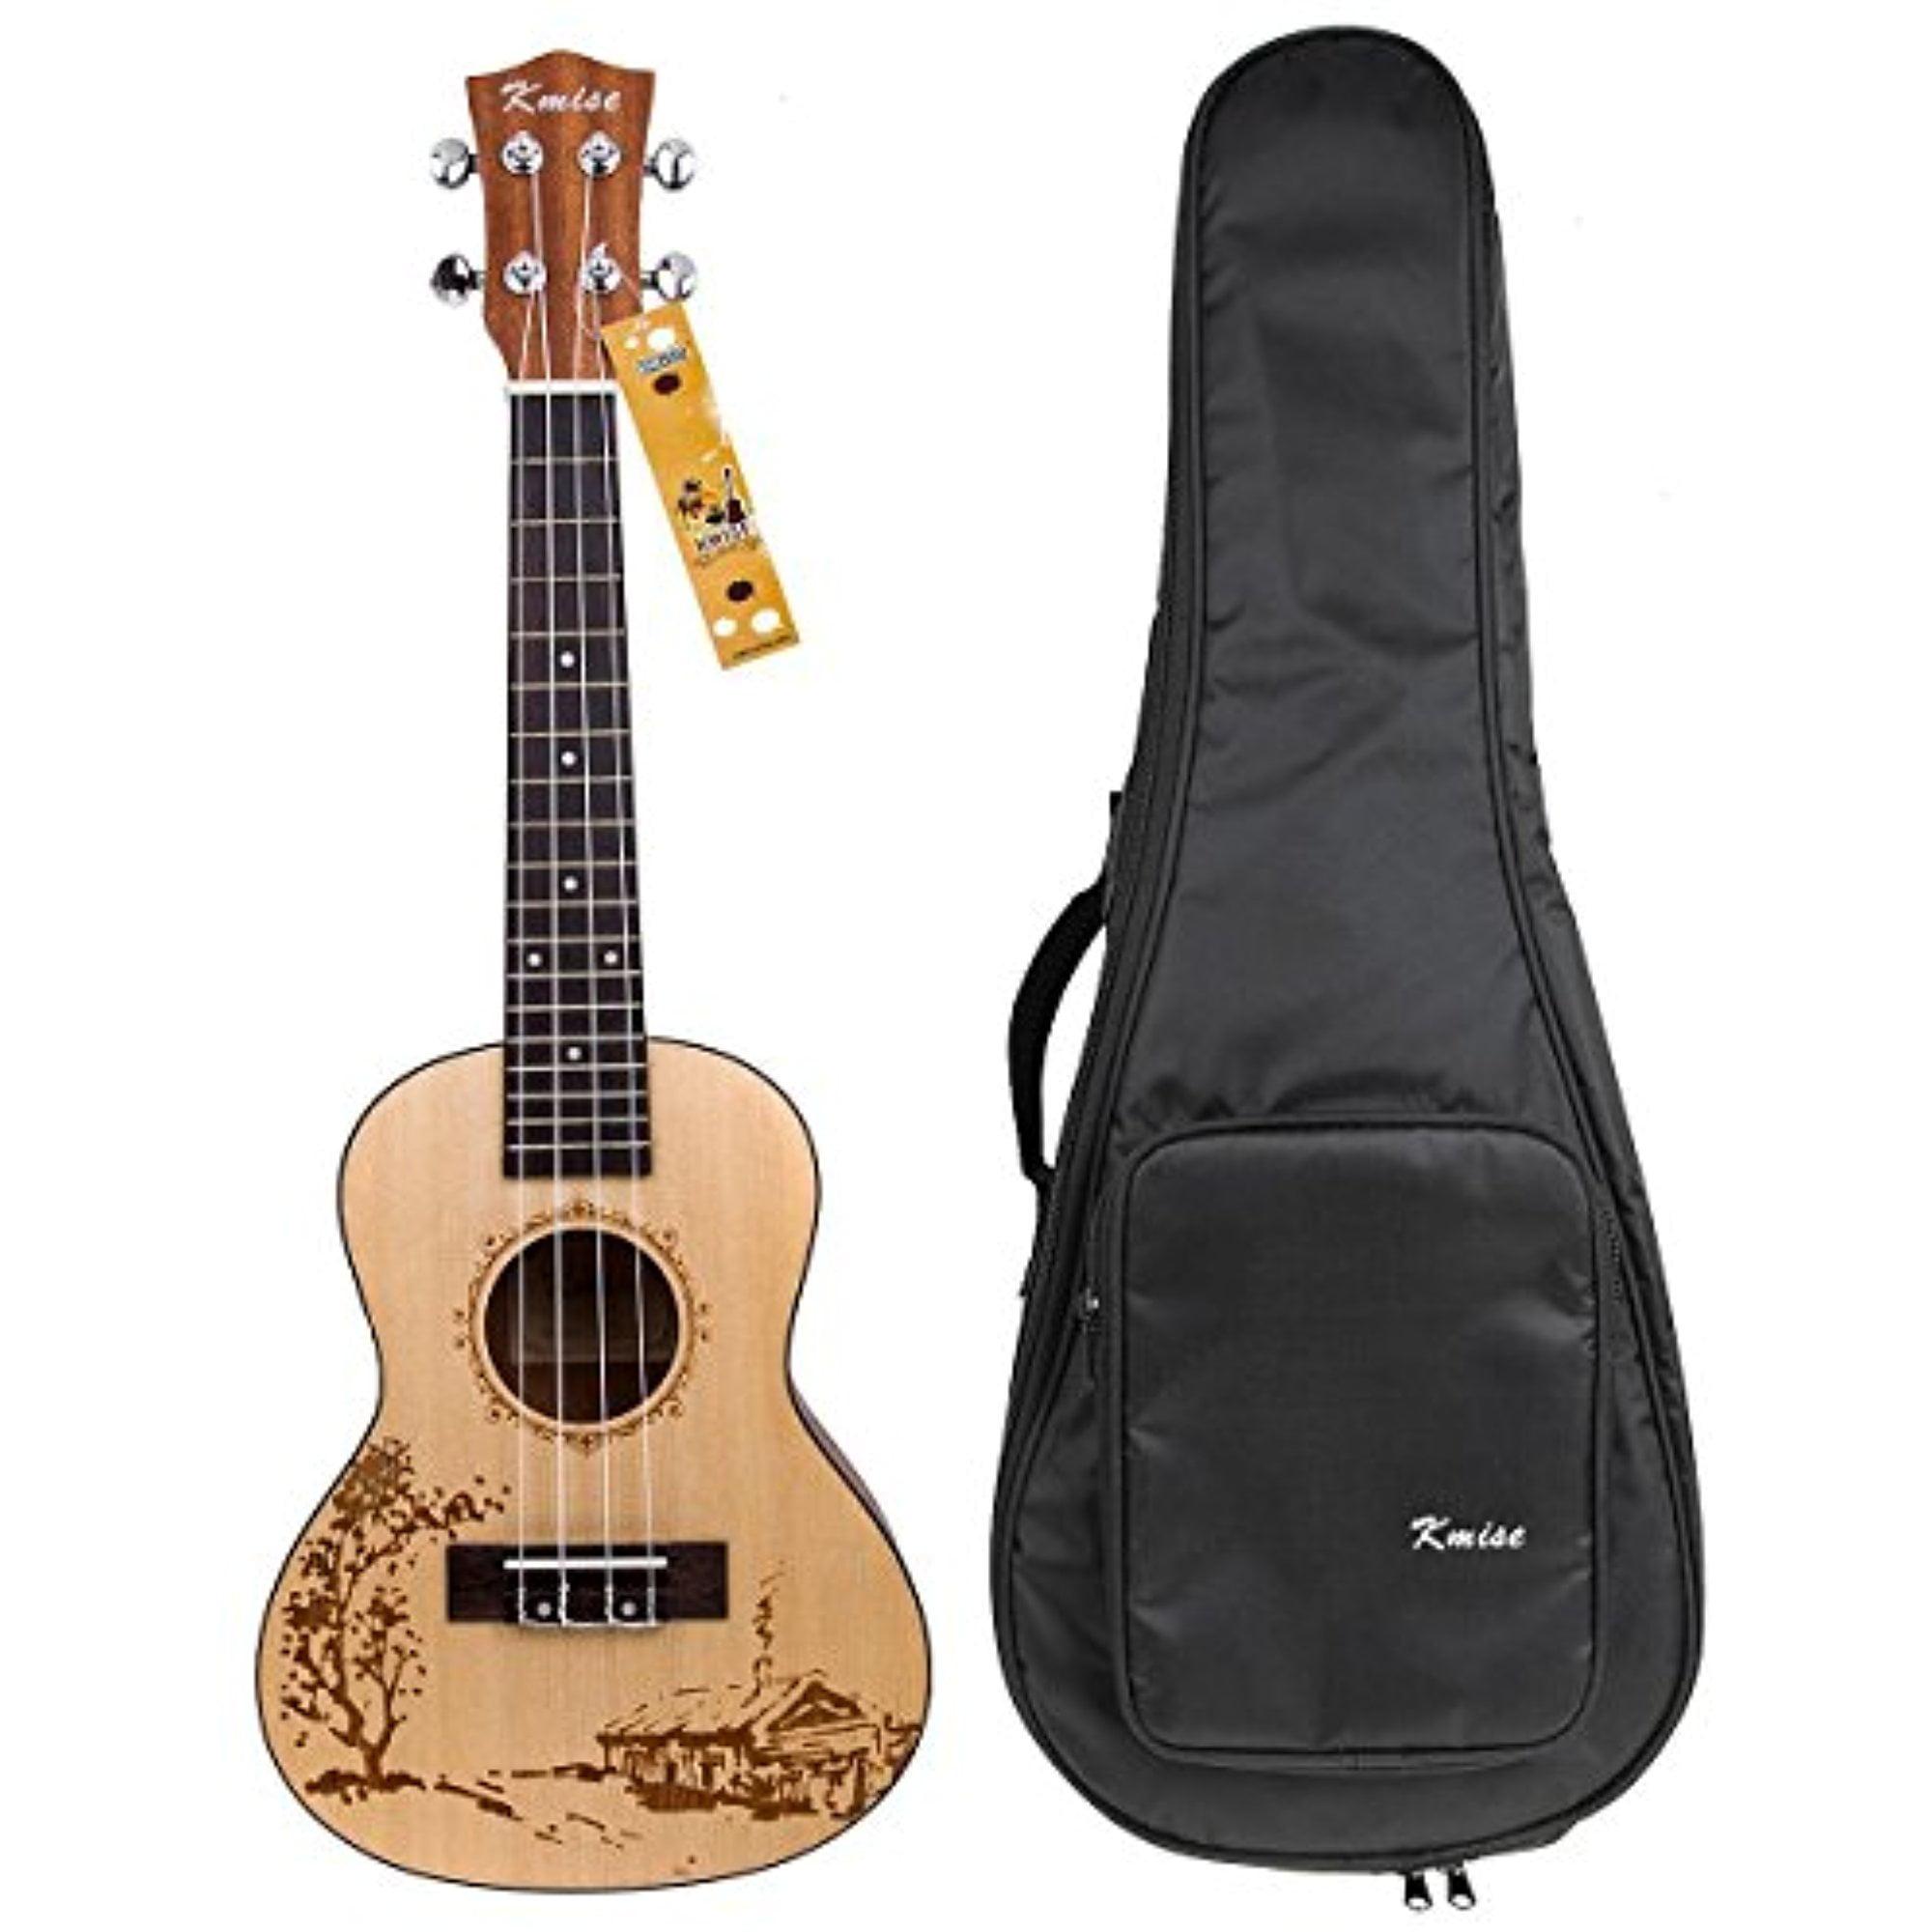 Kmise Solid Spruce Ukulele Concert Ukelele Start Kit with Bag 23 inch Uke Hawaii Guitar by Kmise